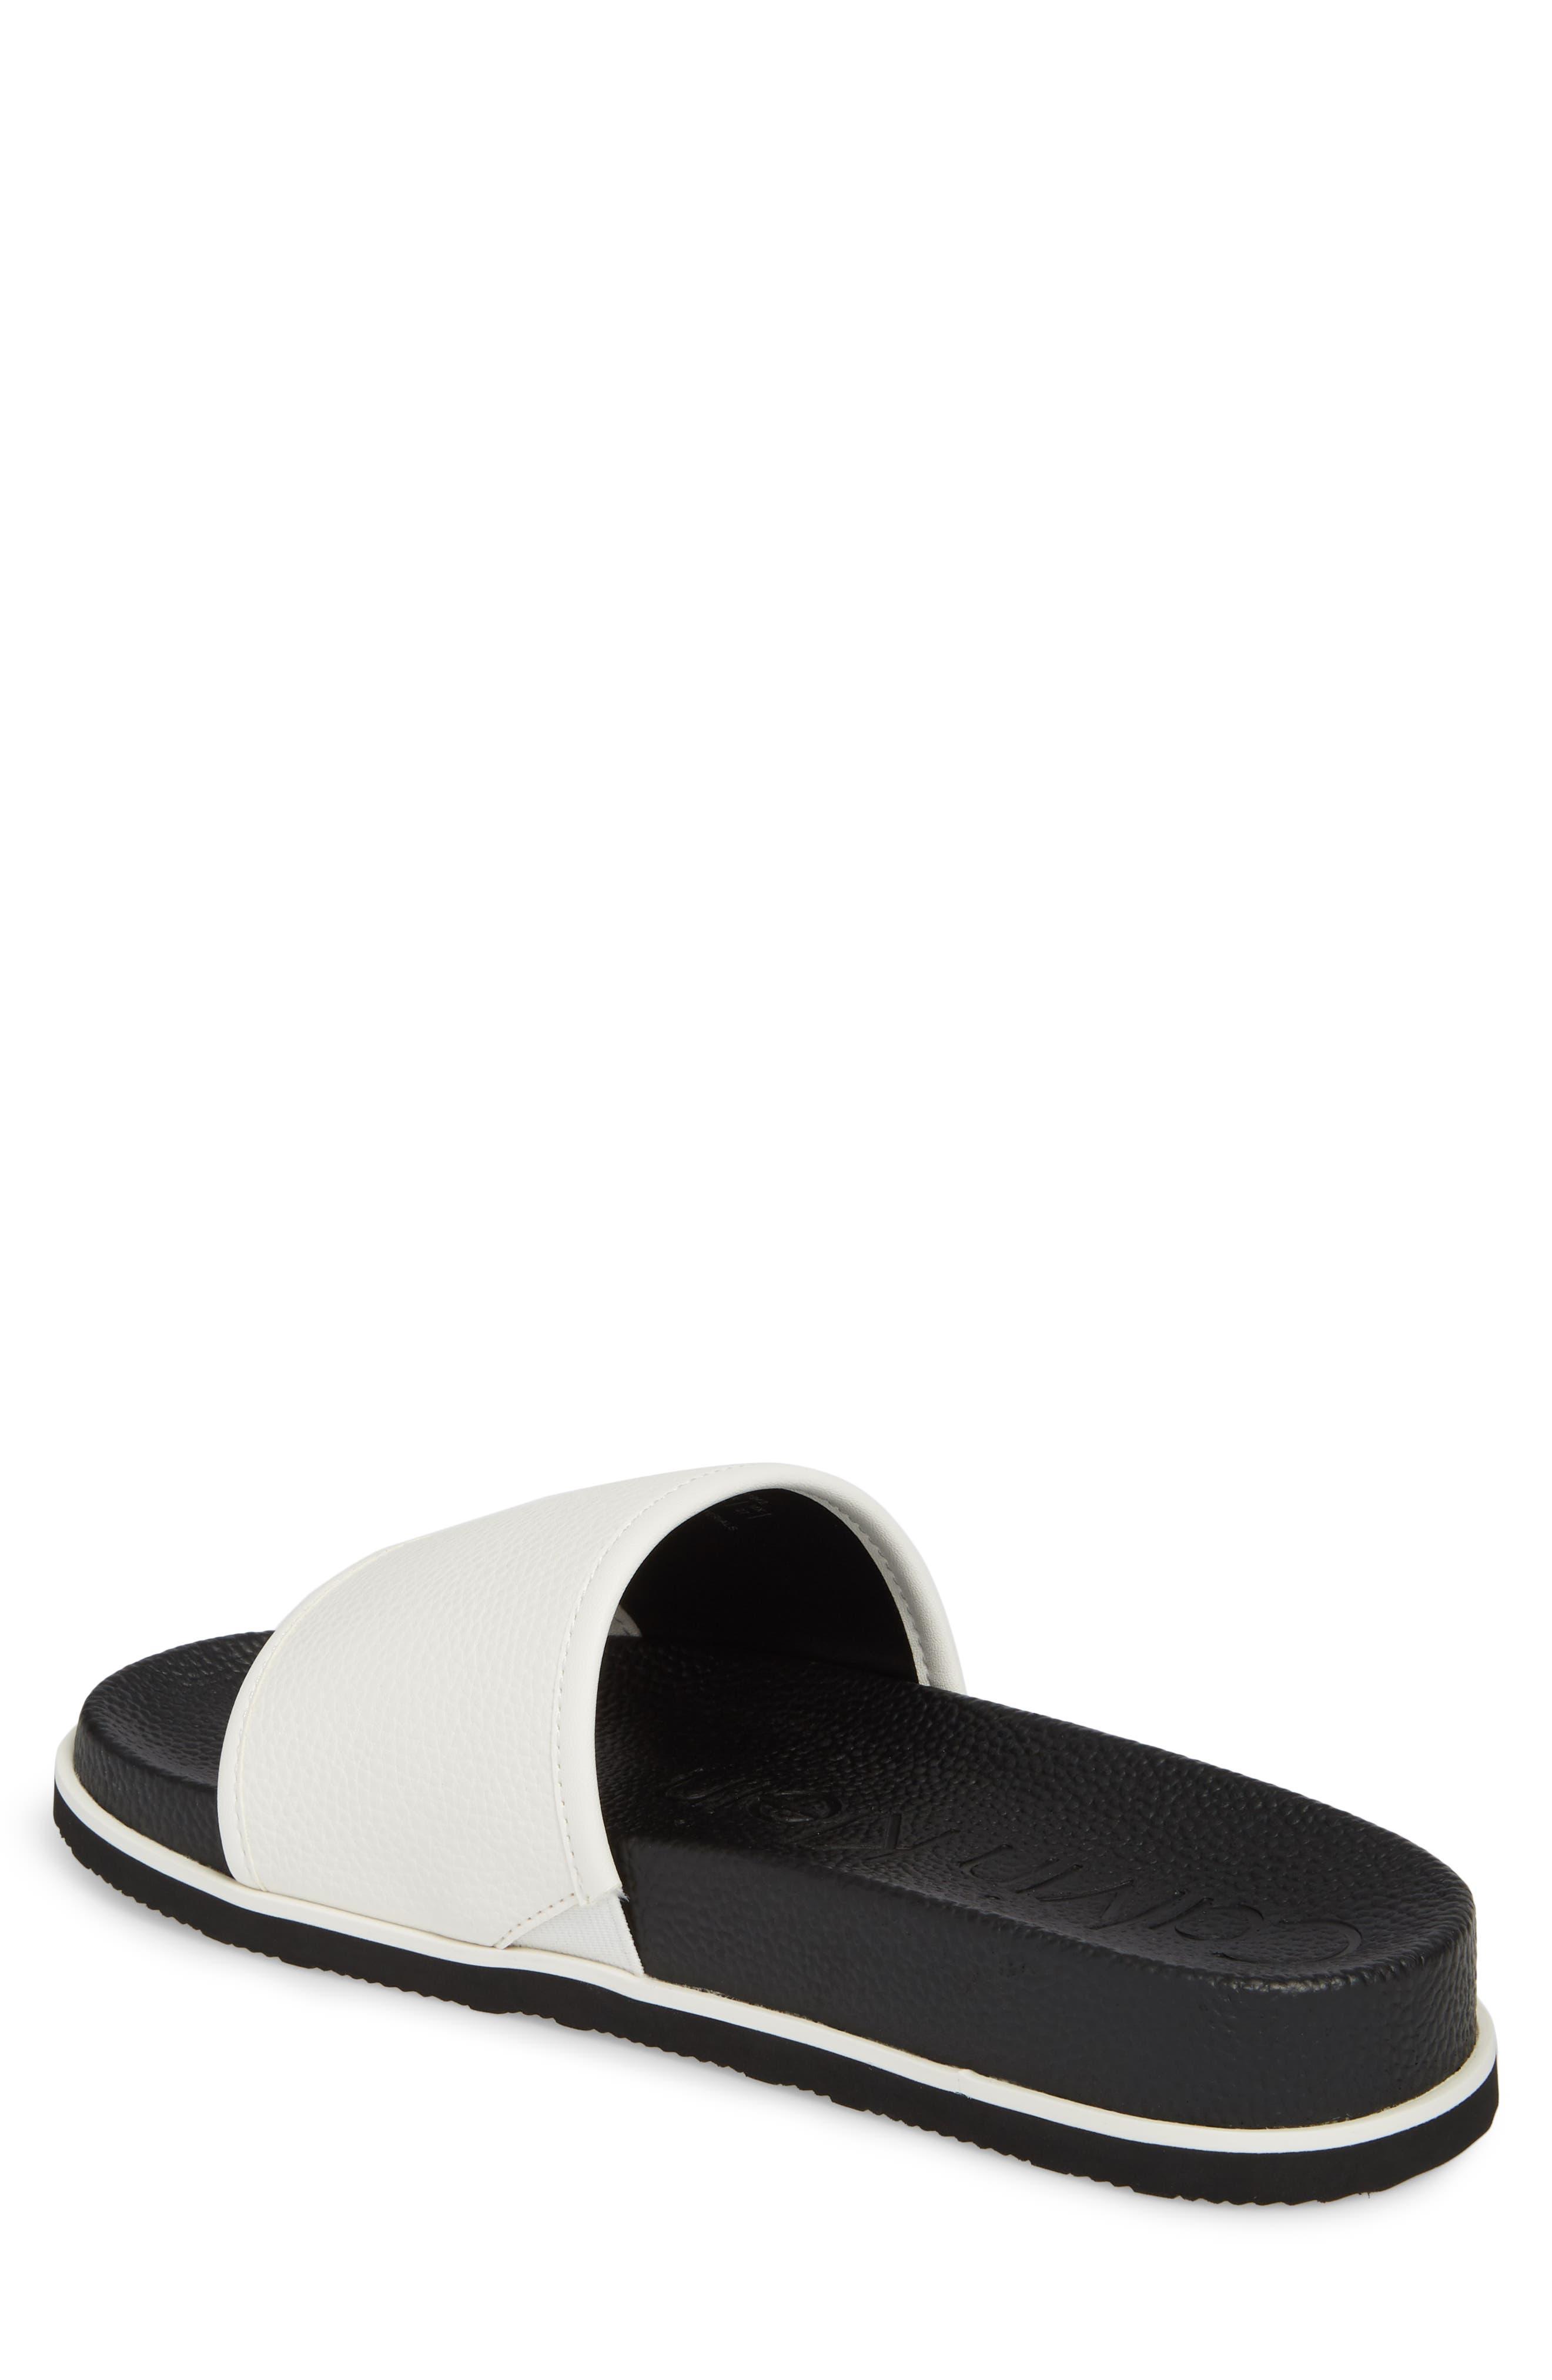 Mackee Sport Slide,                             Alternate thumbnail 2, color,                             White Leather